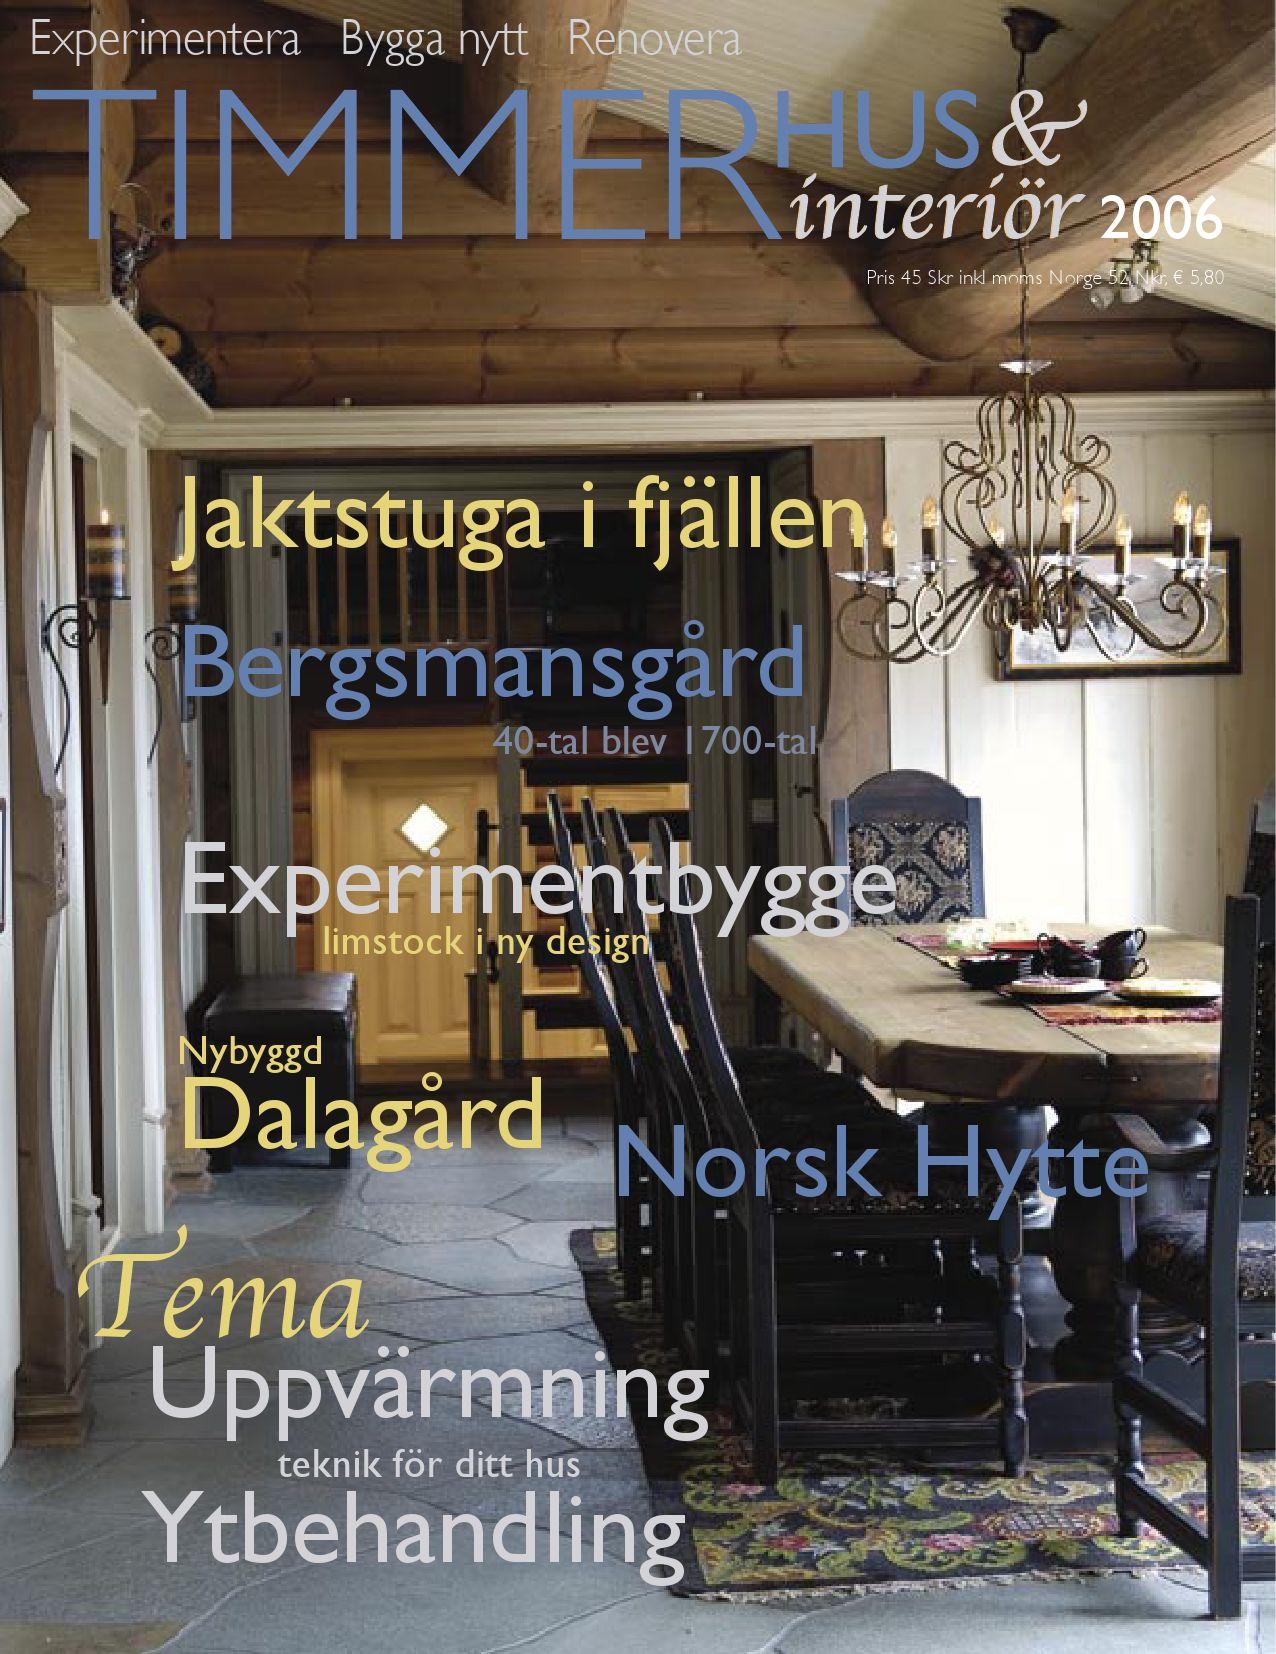 Timmerhus & interiör 2-08 by Timmerhus & interior - issuu